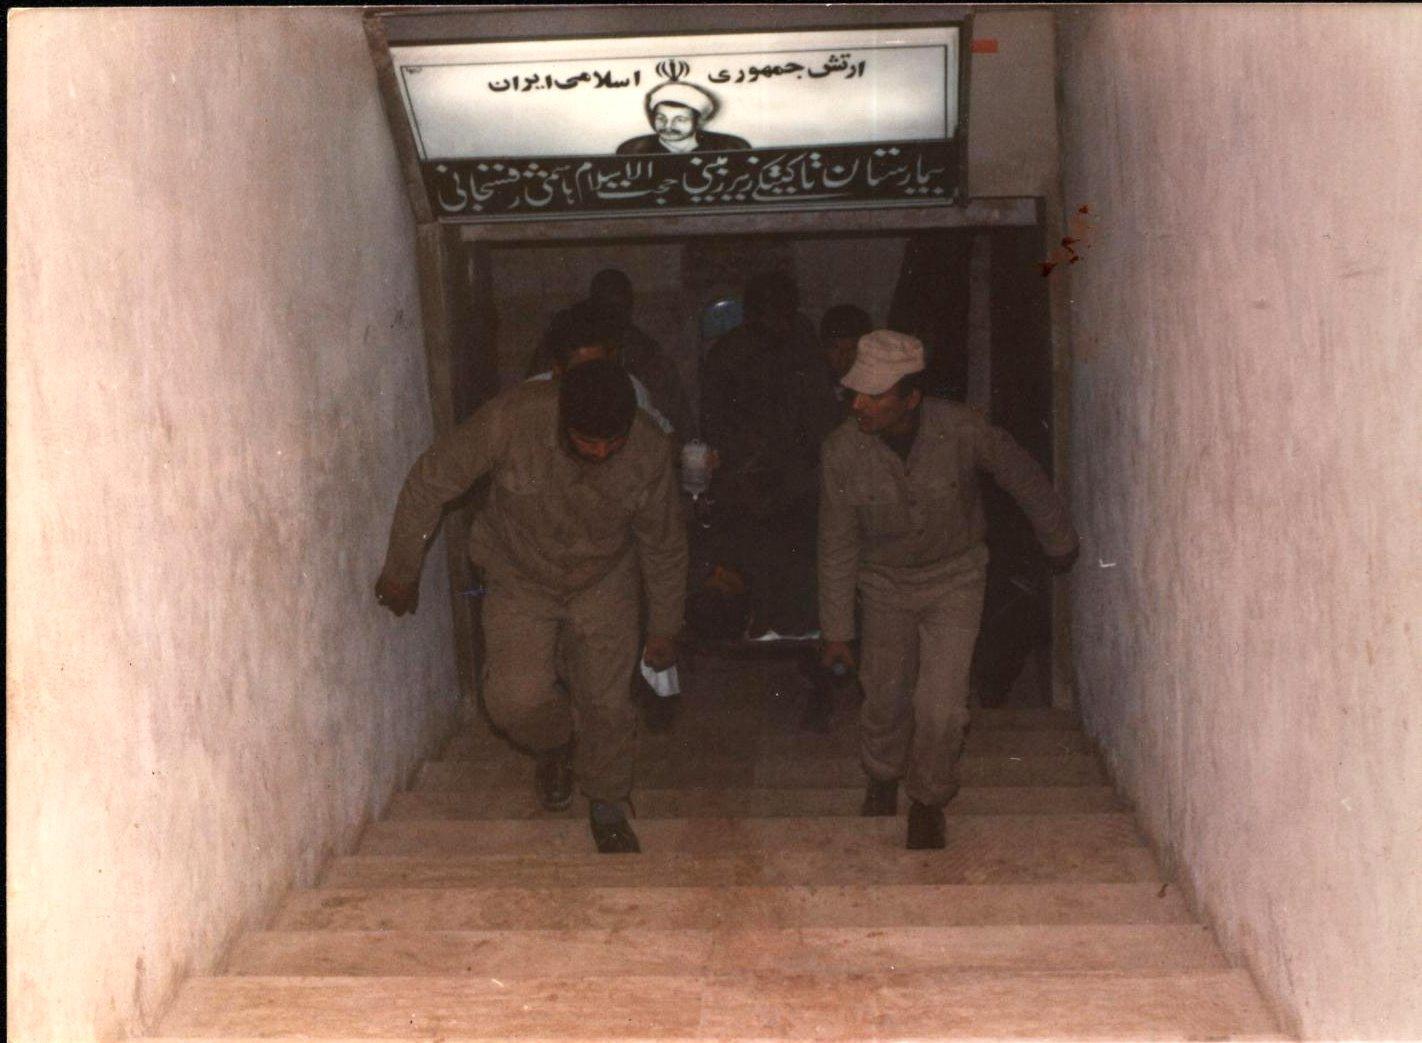 عکس/ بیمارستان هاشمی رفسنجانی